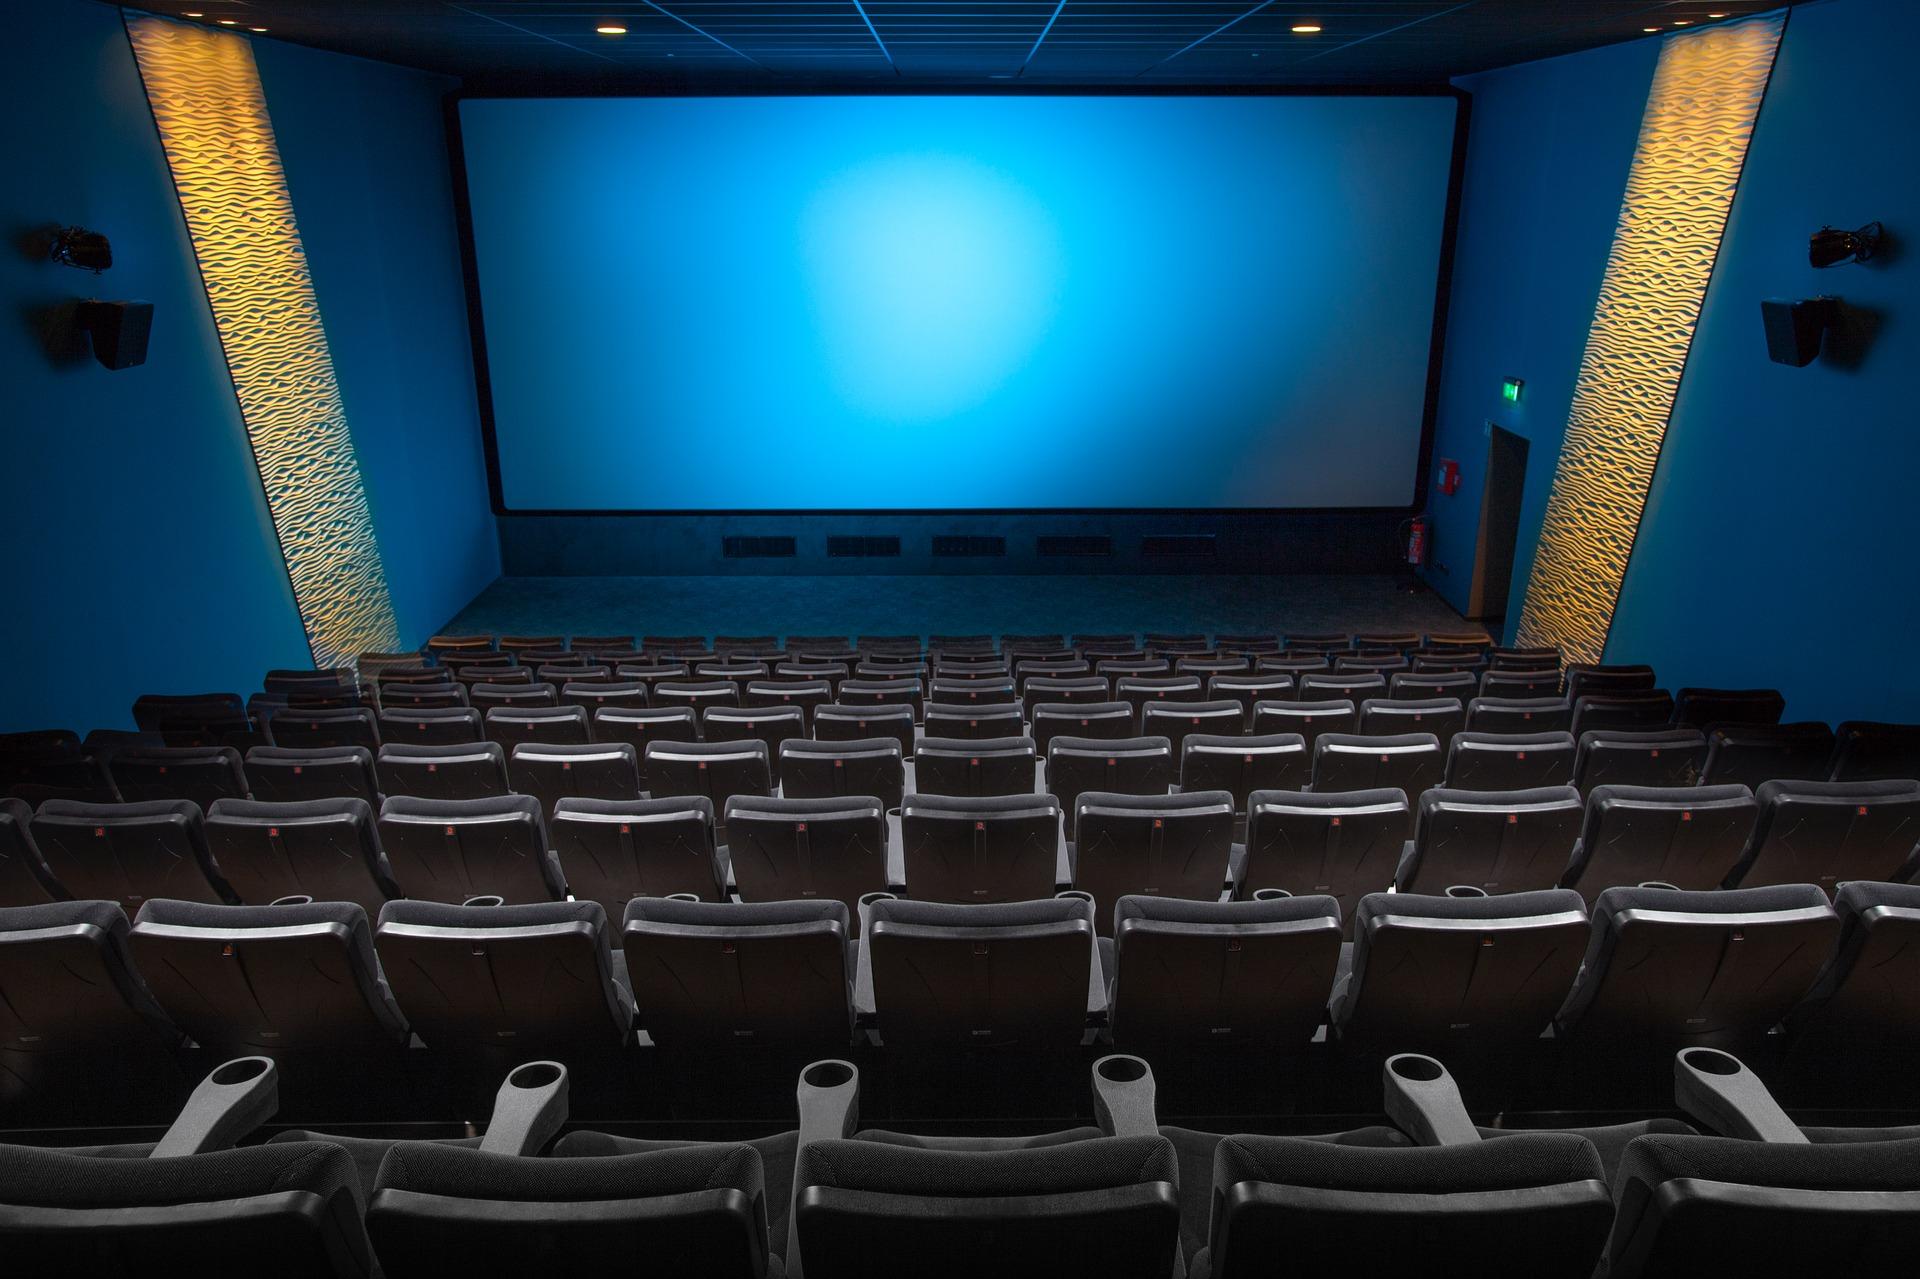 Cinéma : les multiplexes raflent la part du lion